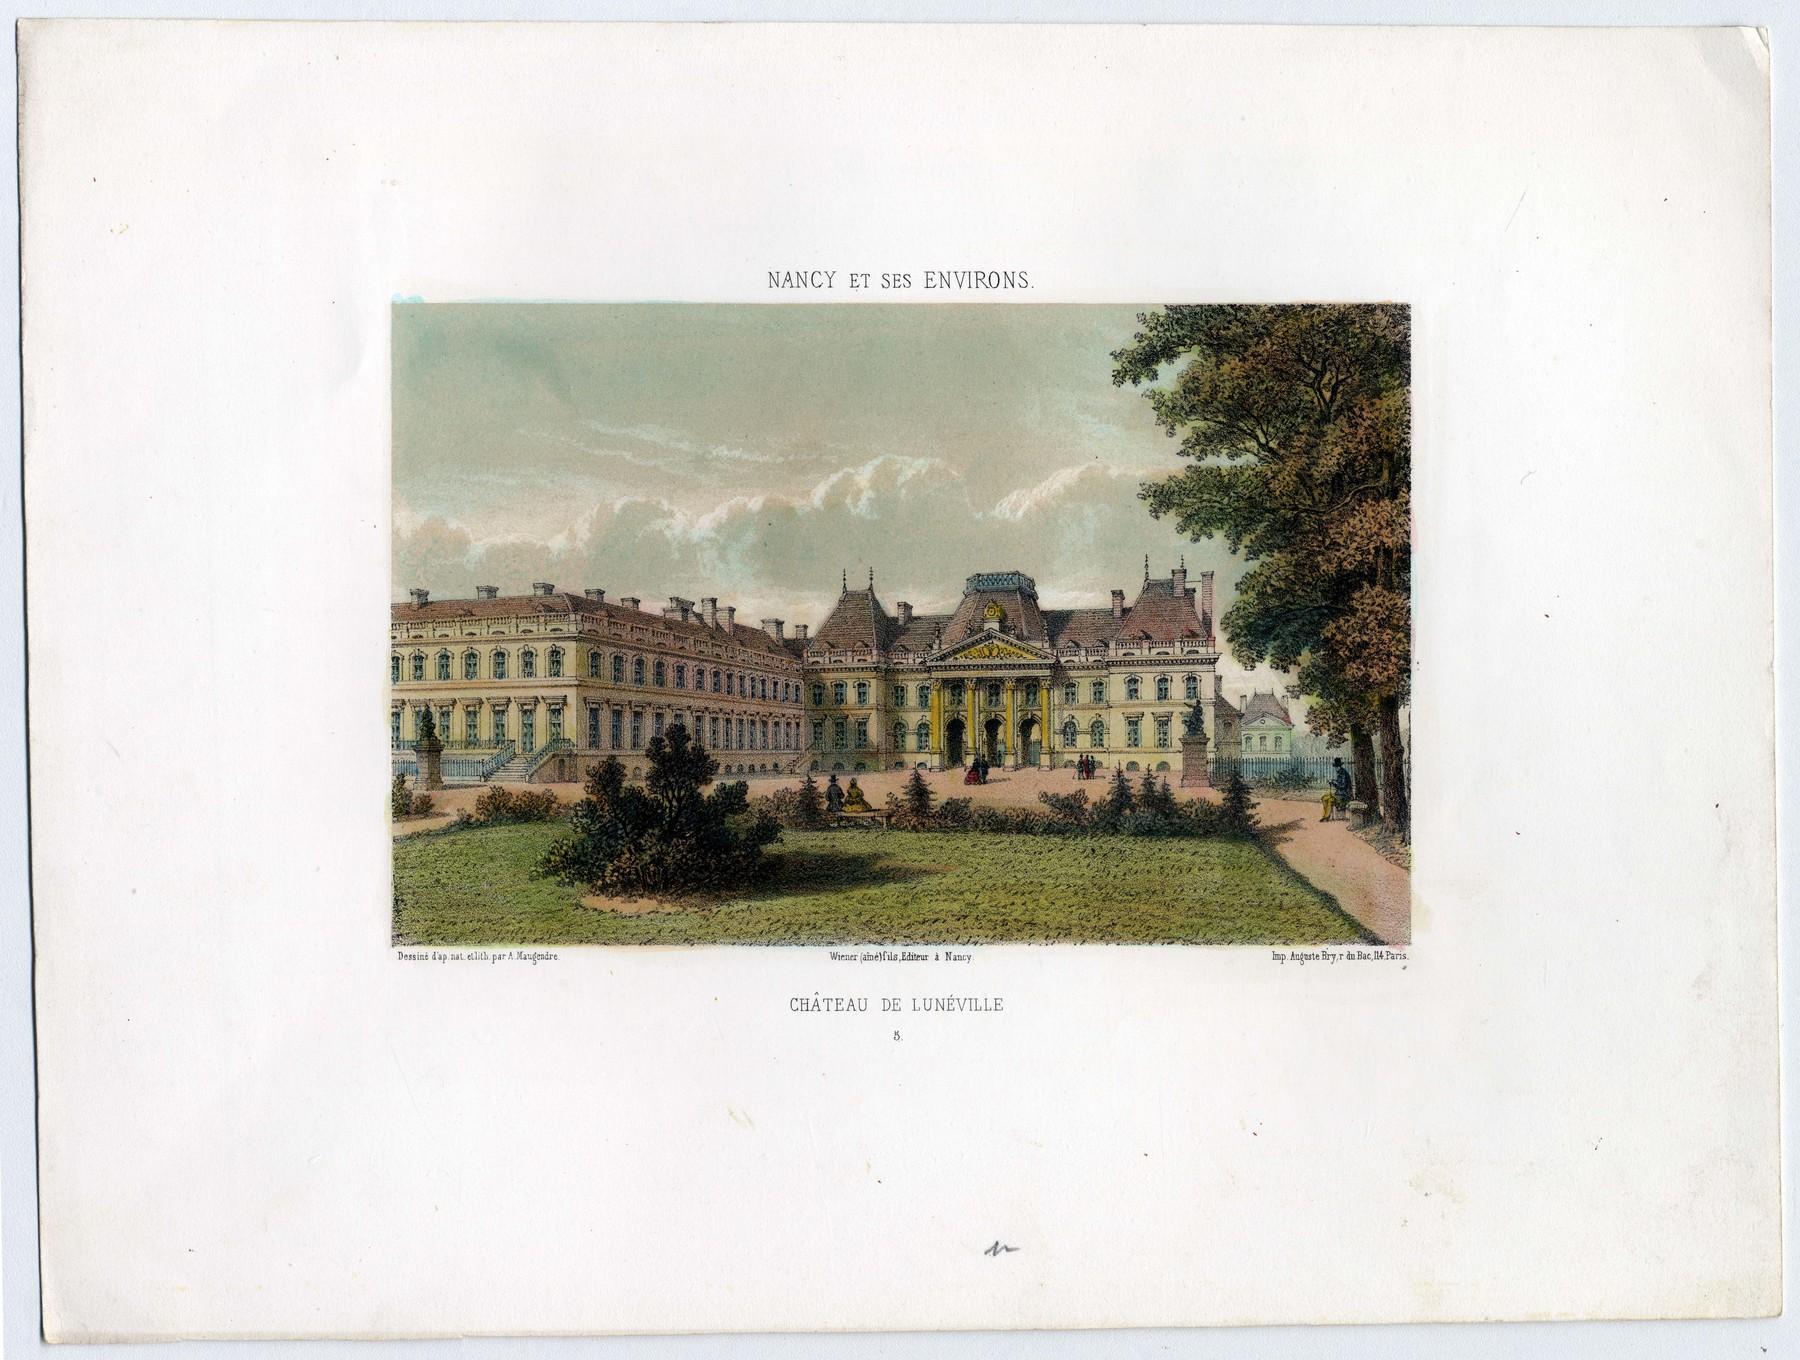 Contenu du Château de Lunéville